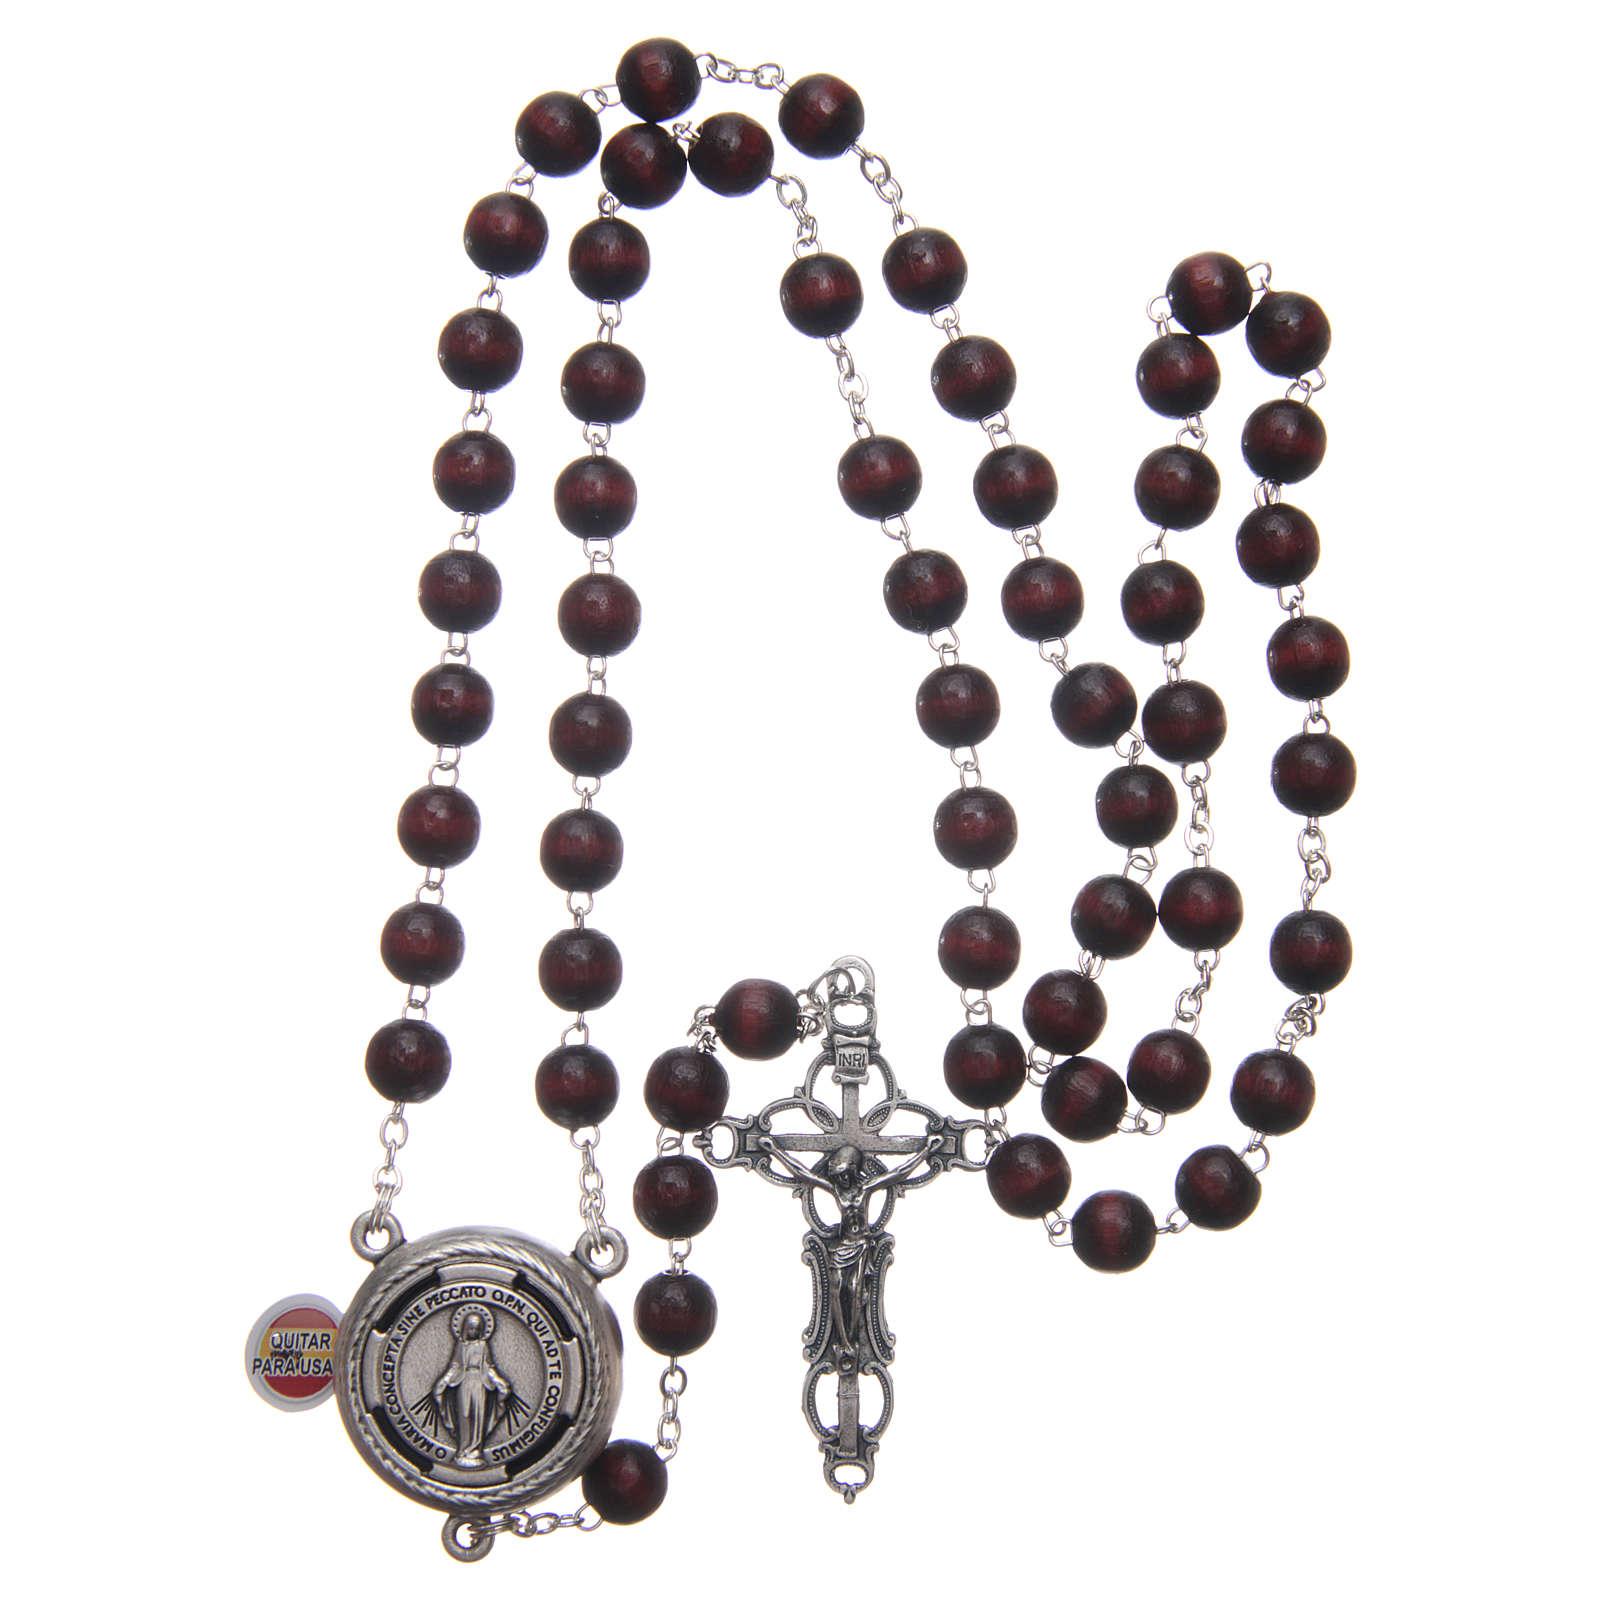 Rosario legno bordeaux crociera parlante preg. Papa Francesco SPA 8 mm 4